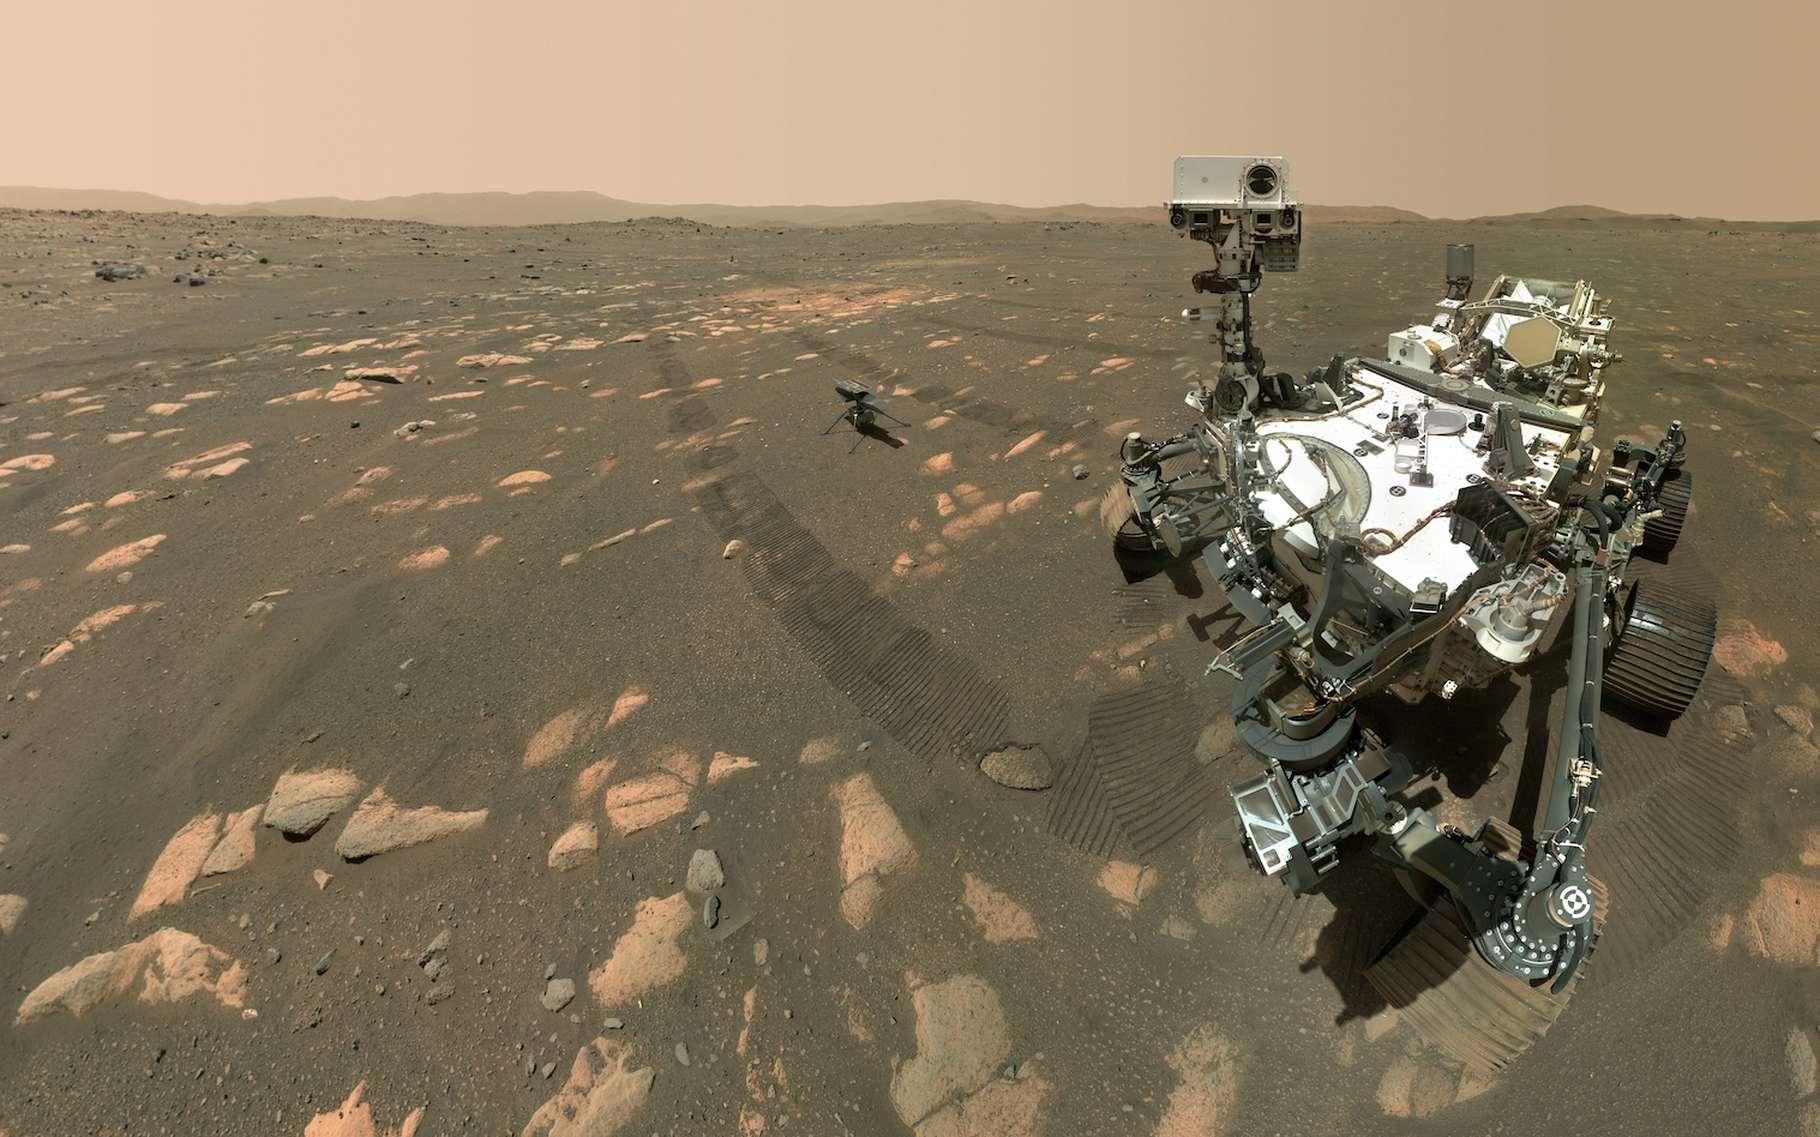 Perseverance, le dernier rover de la Nasa – ici sur Mars en compagnie d'Ingenuity – intègre un générateur thermoélectrique qui produit de l'électricité à partir de chaleur. Des chercheurs de l'université Duke et de l'université de l'État du Michigan (États-Unis) proposent aujourd'hui des matériaux plus efficaces, plus économiques et plus respectueux de l'environnement pour des applications sur Terre. © Nasa, JPL-Caltech, MSSS